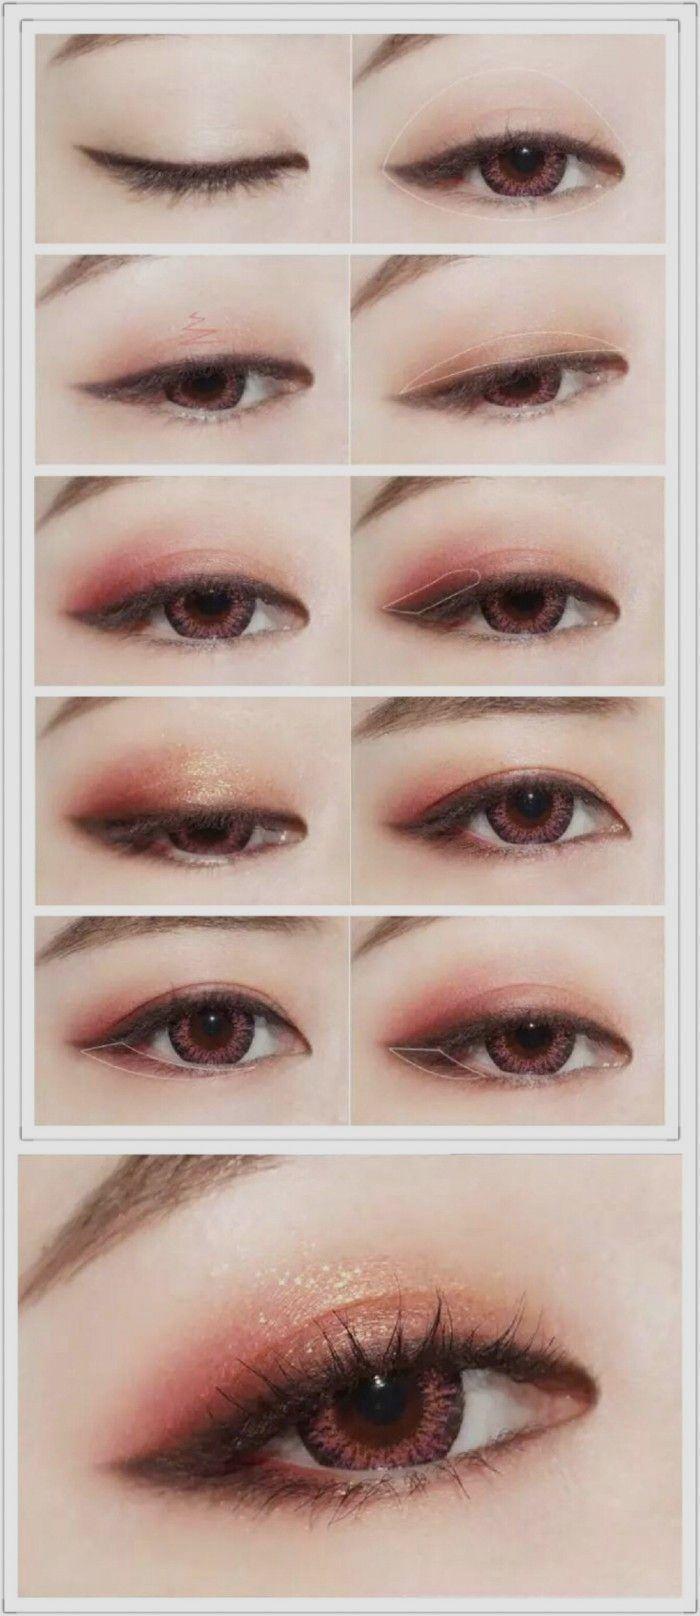 Trucs maquillage coréen - Il n'y a pas de temps que le présent! Les lignes directrices peuvent aider ...   - Make up    #aider #coréen #directrices #les #lignes #maquillage #n39y #pas #peuvent #présent #temps #Trucs